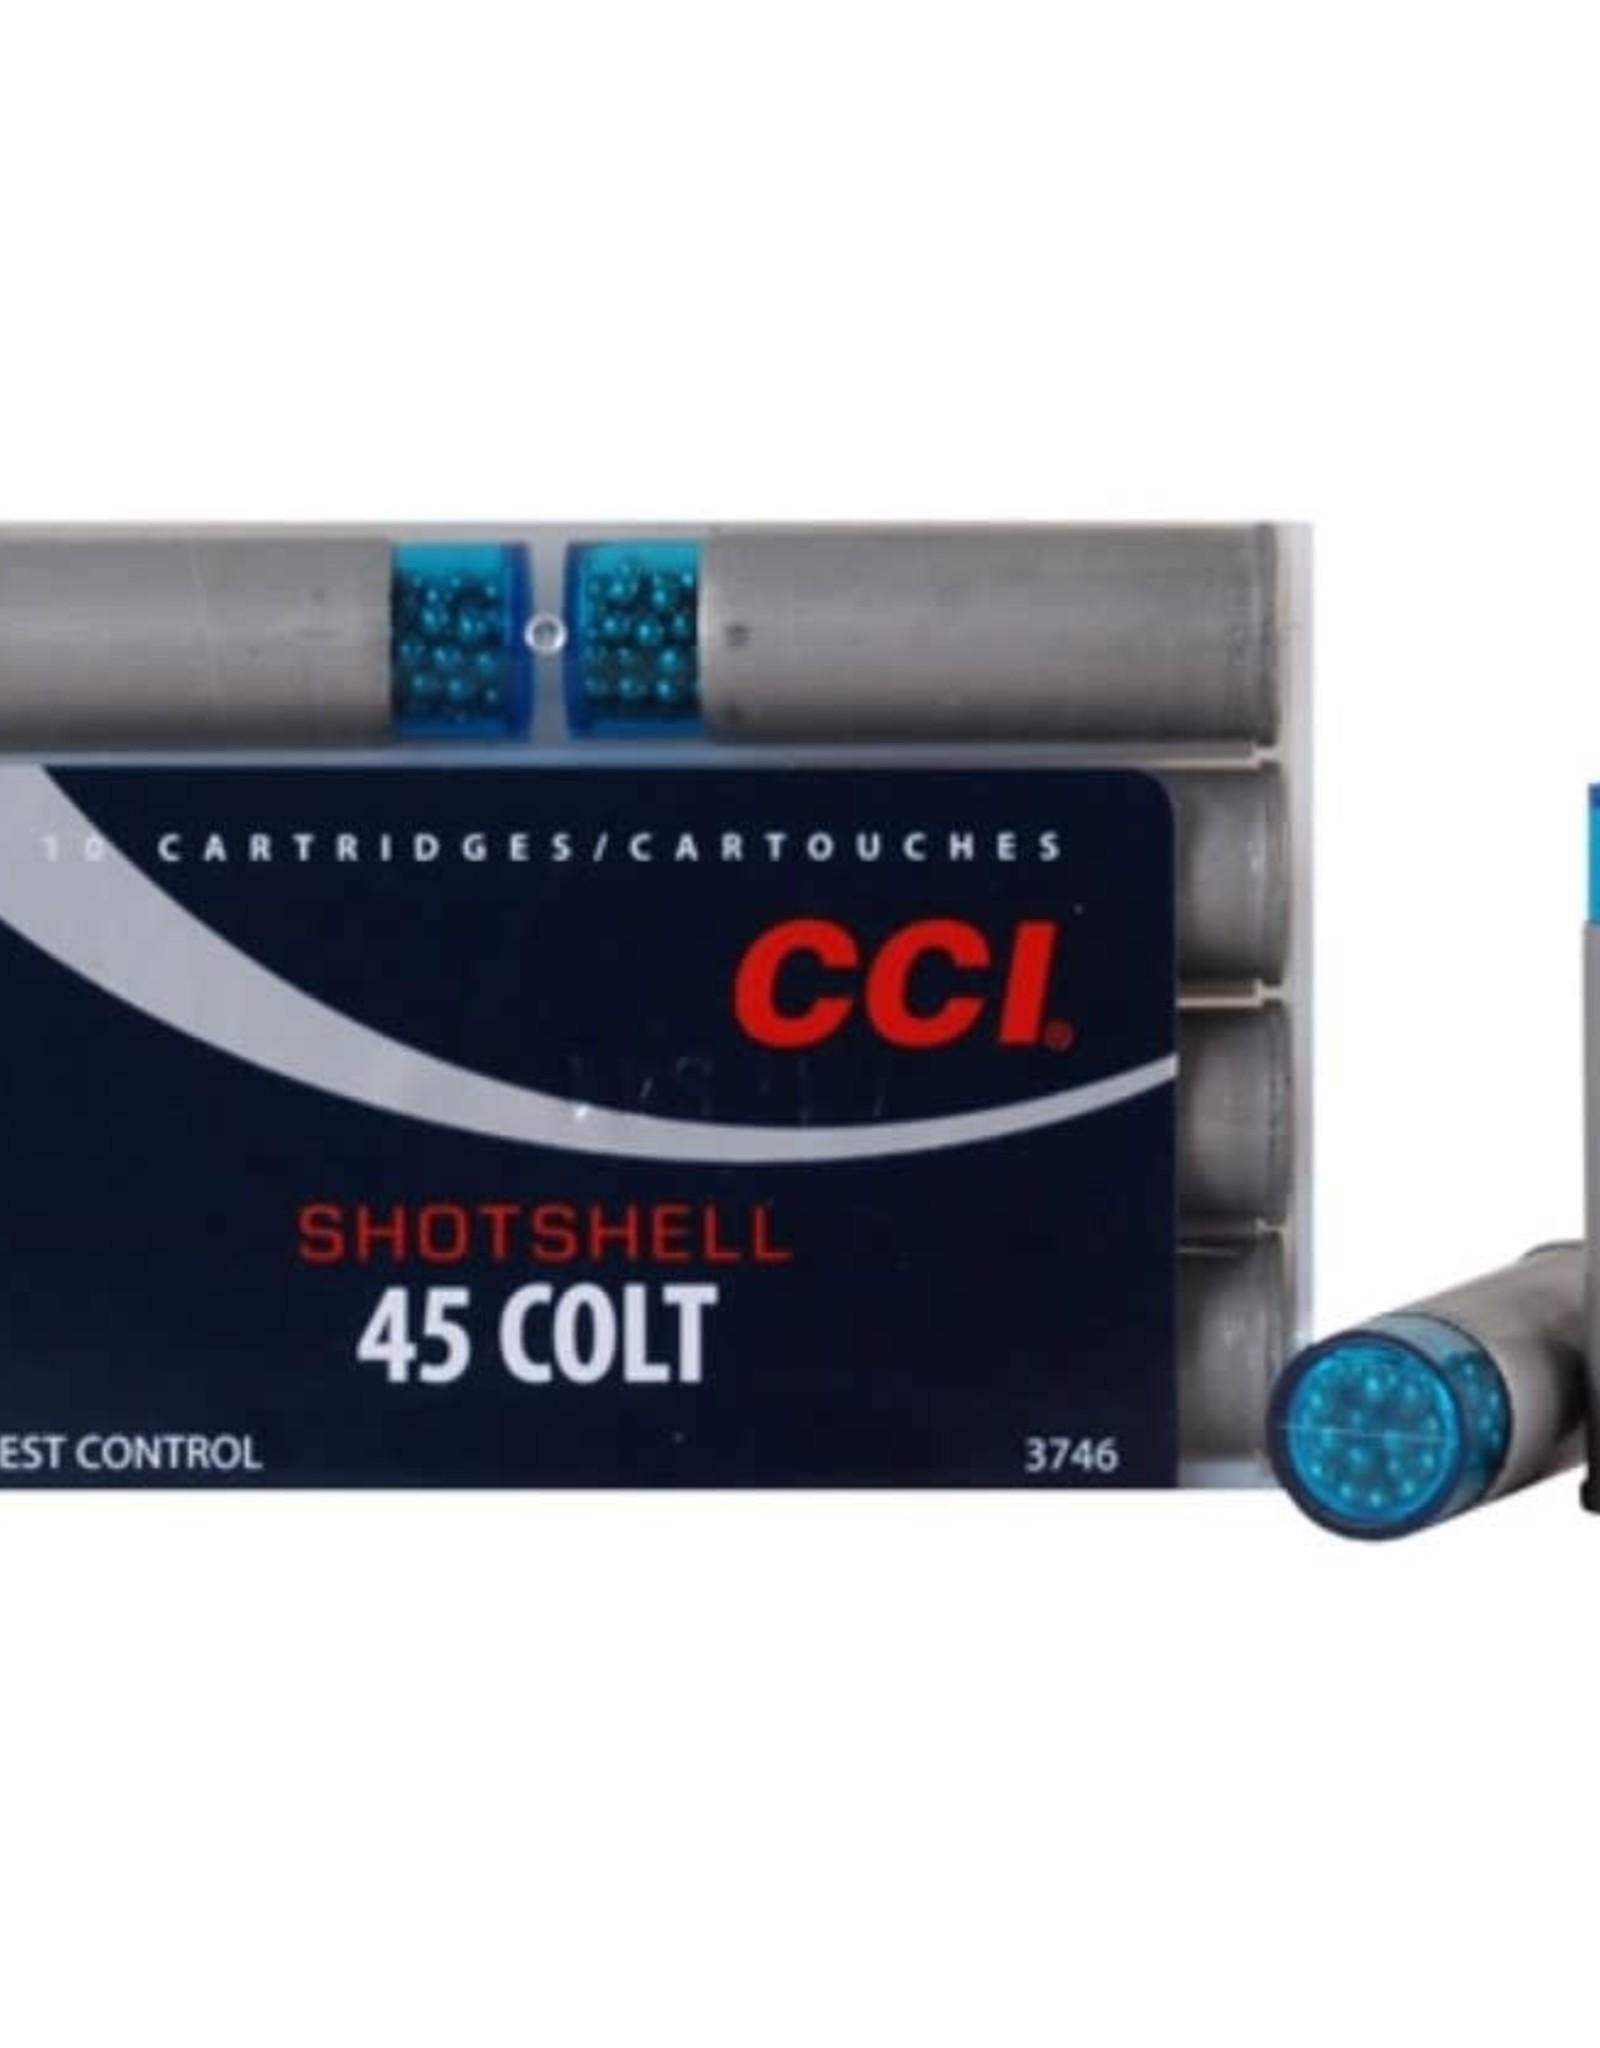 CCI 45 Colt Shotshell 1/3 oz #9